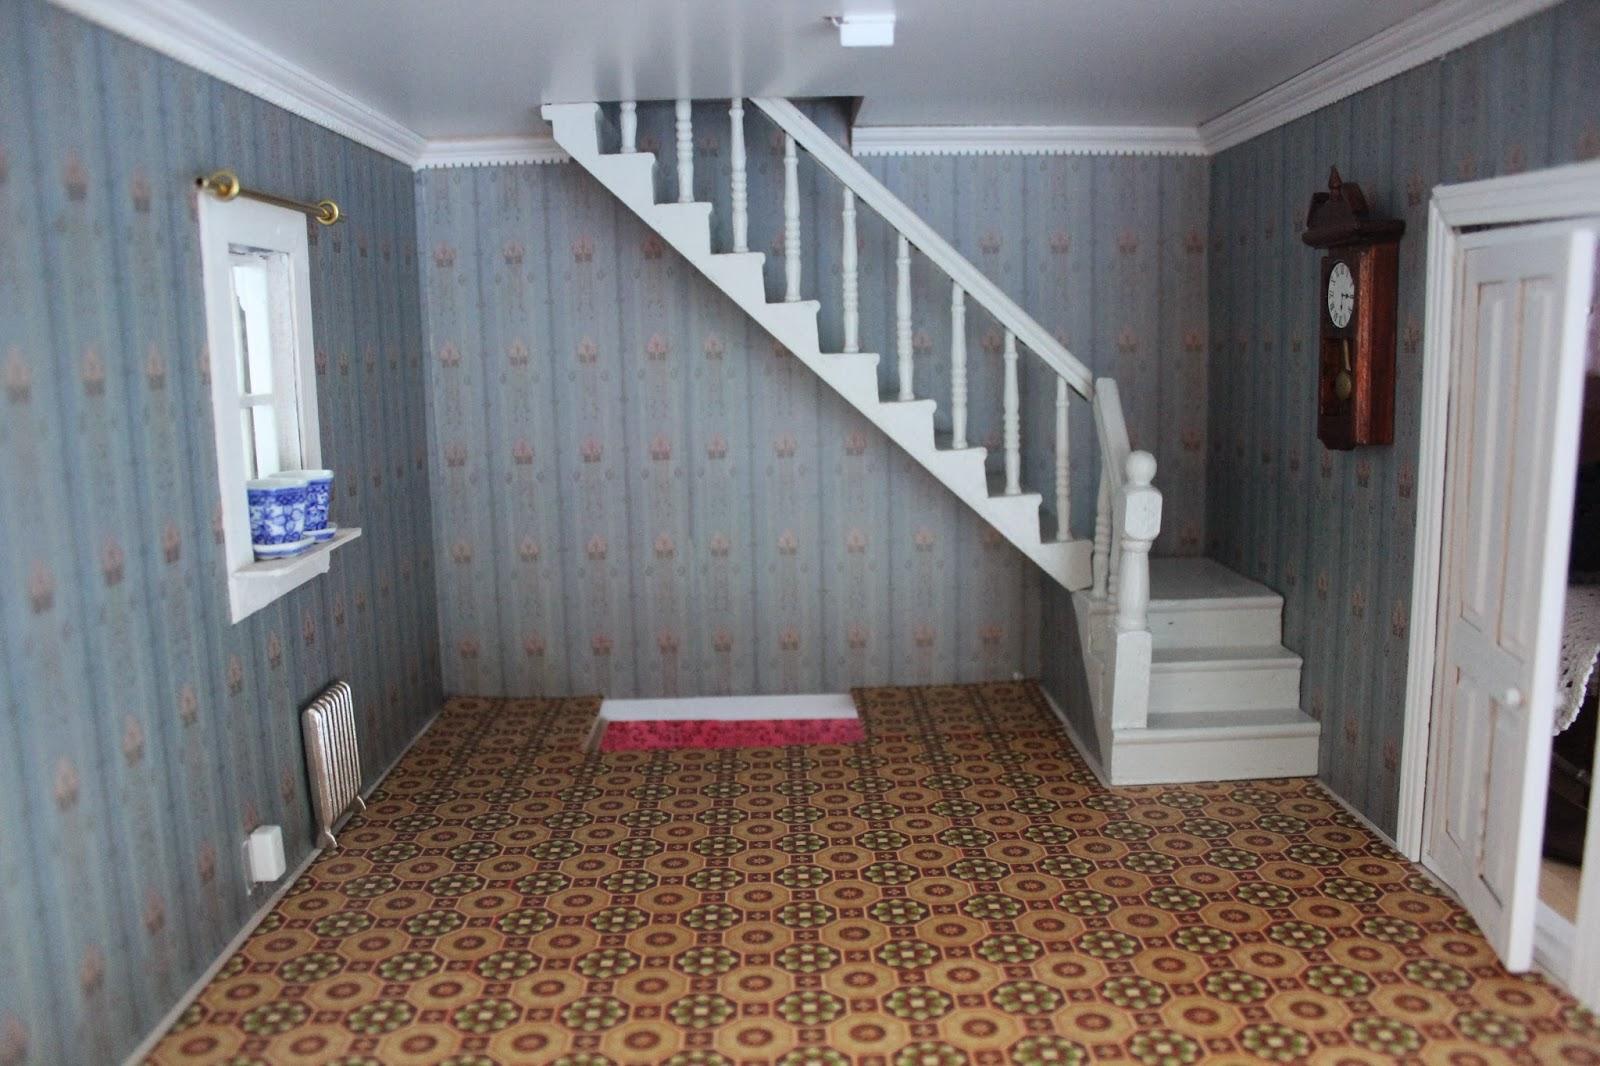 Yvonnes dockskåpsblogg: jag gjorde om den hemska trappan